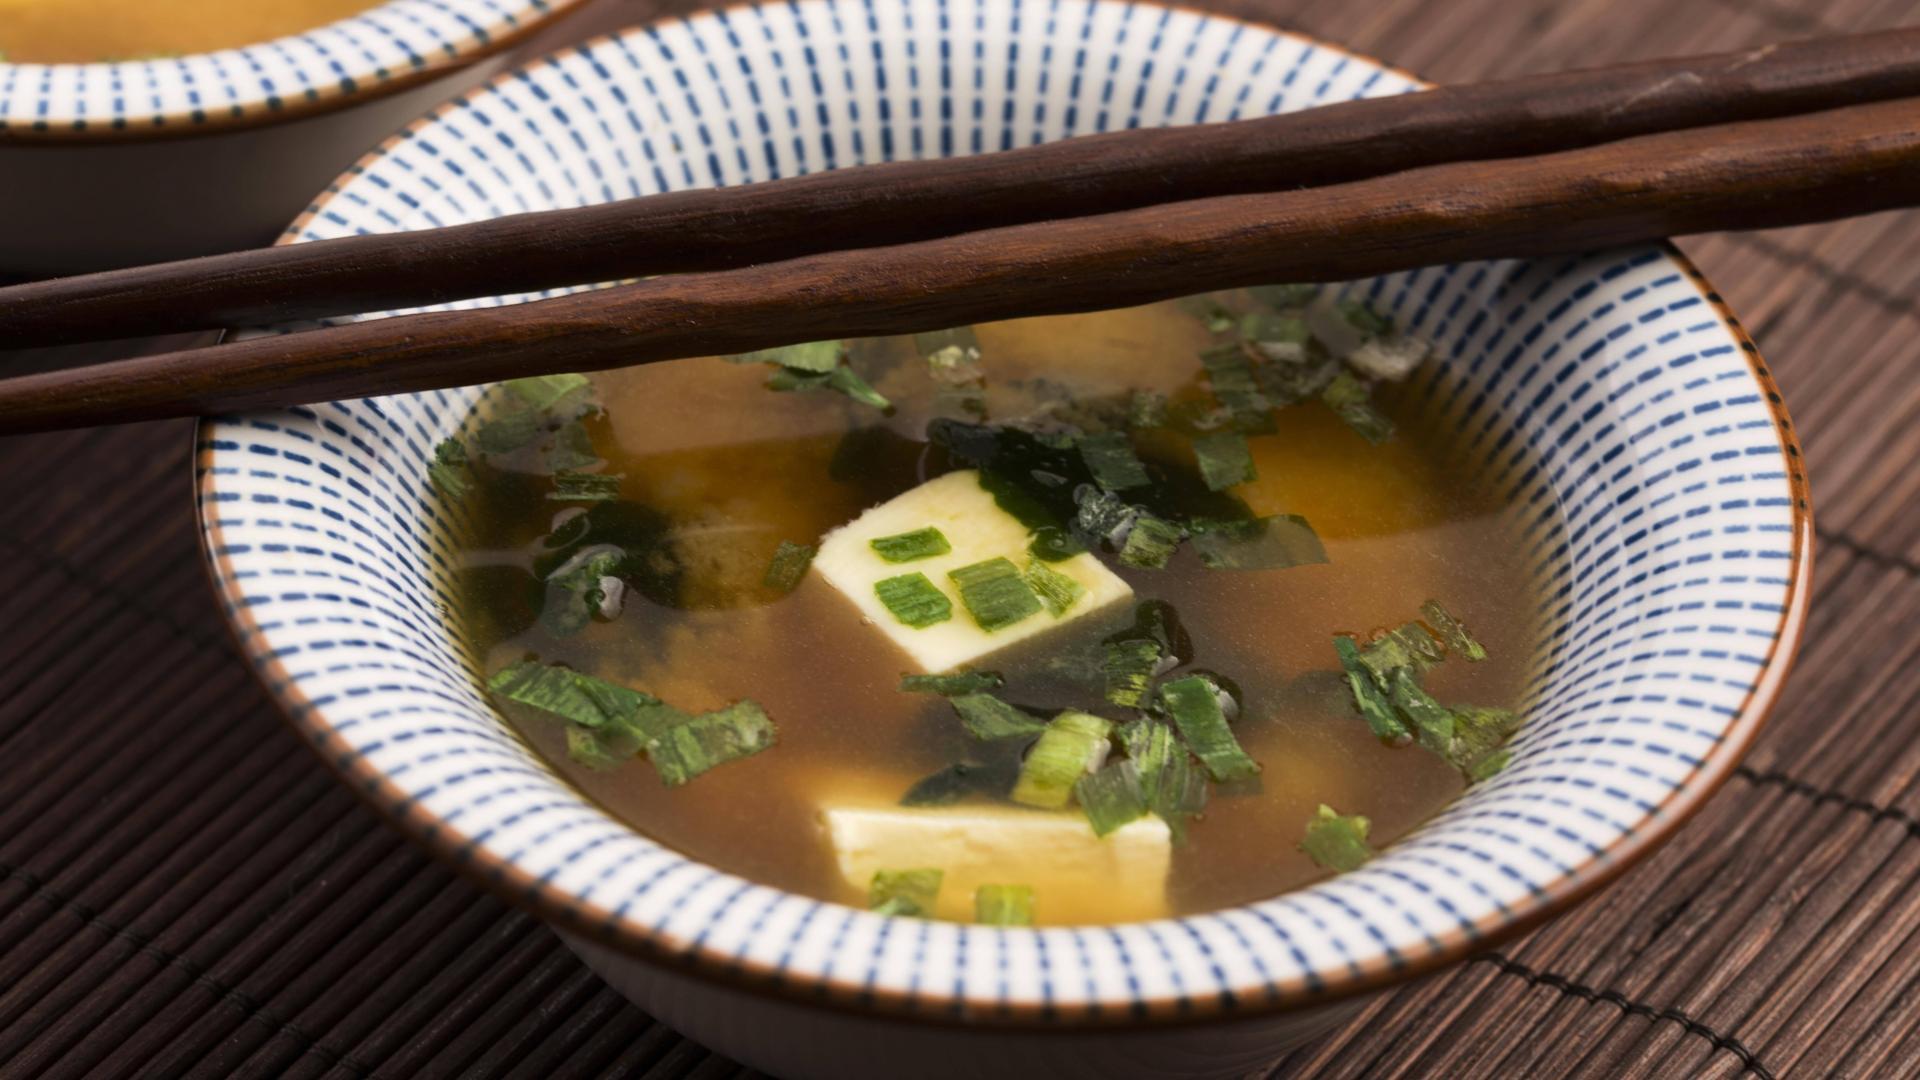 Misosuppe, japanische Küche, japanische Ernährung, japanisches Gericht, japanisches Lebensmittel